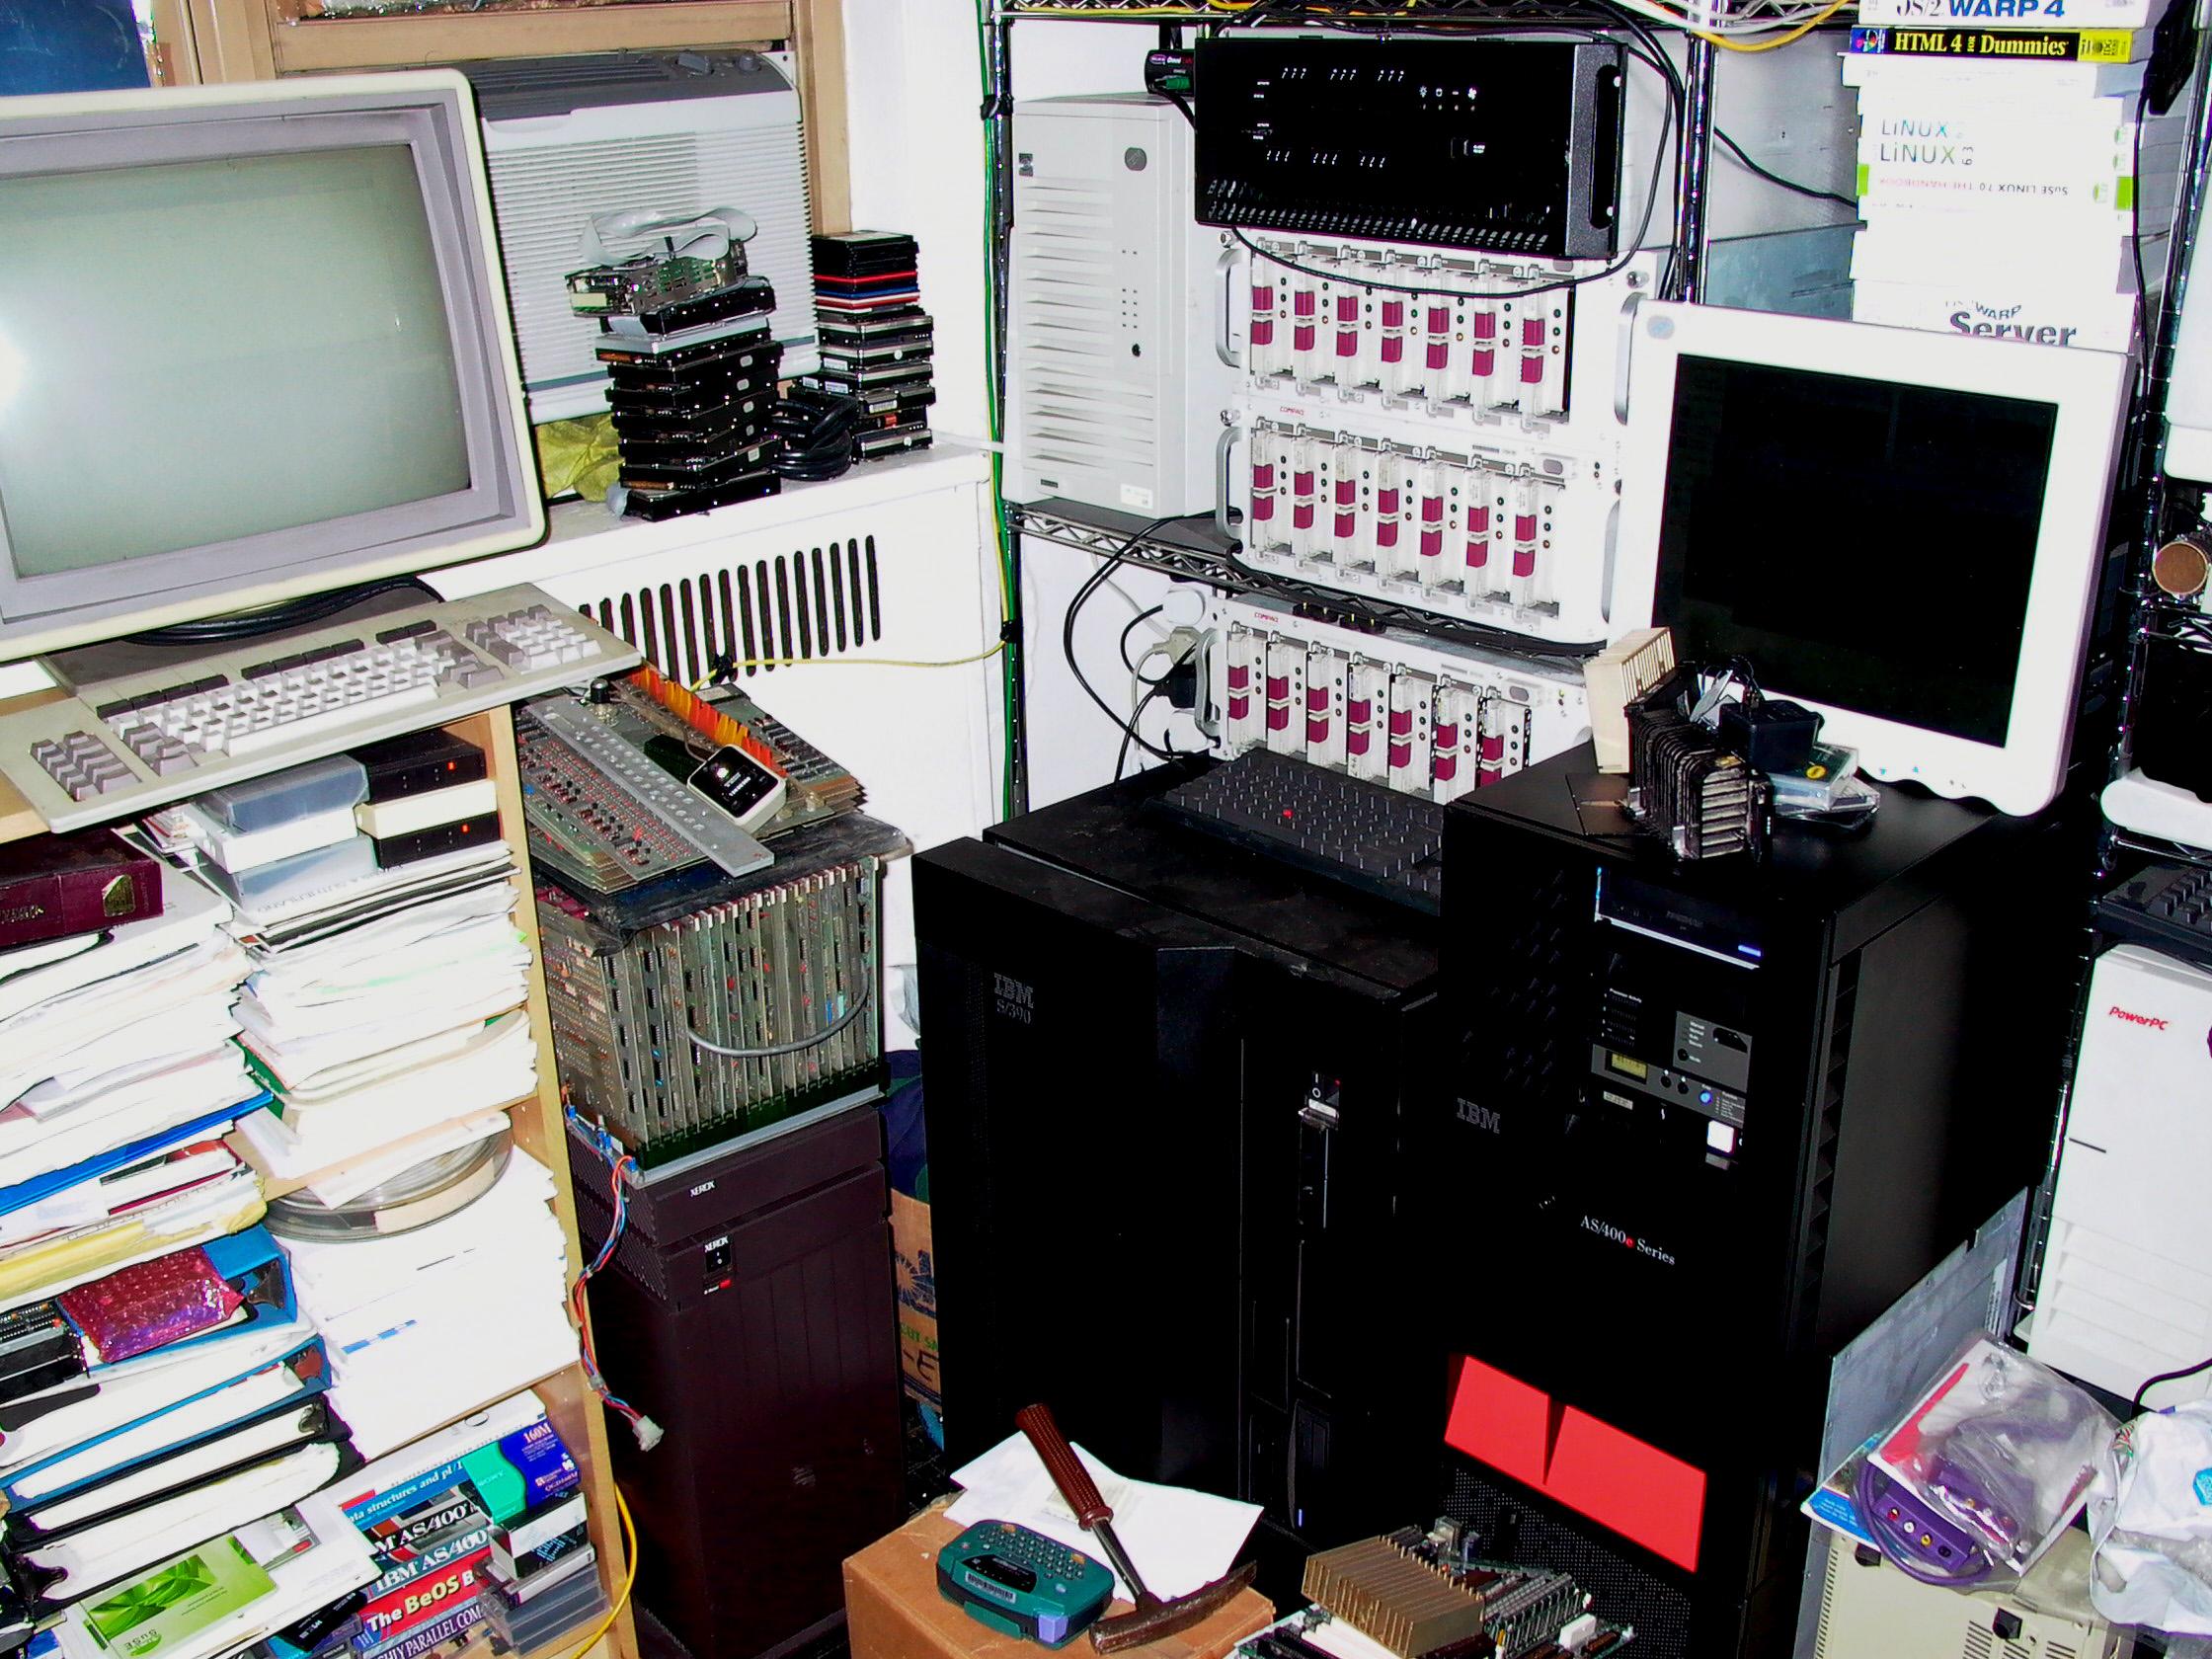 The Corestore computer museum online